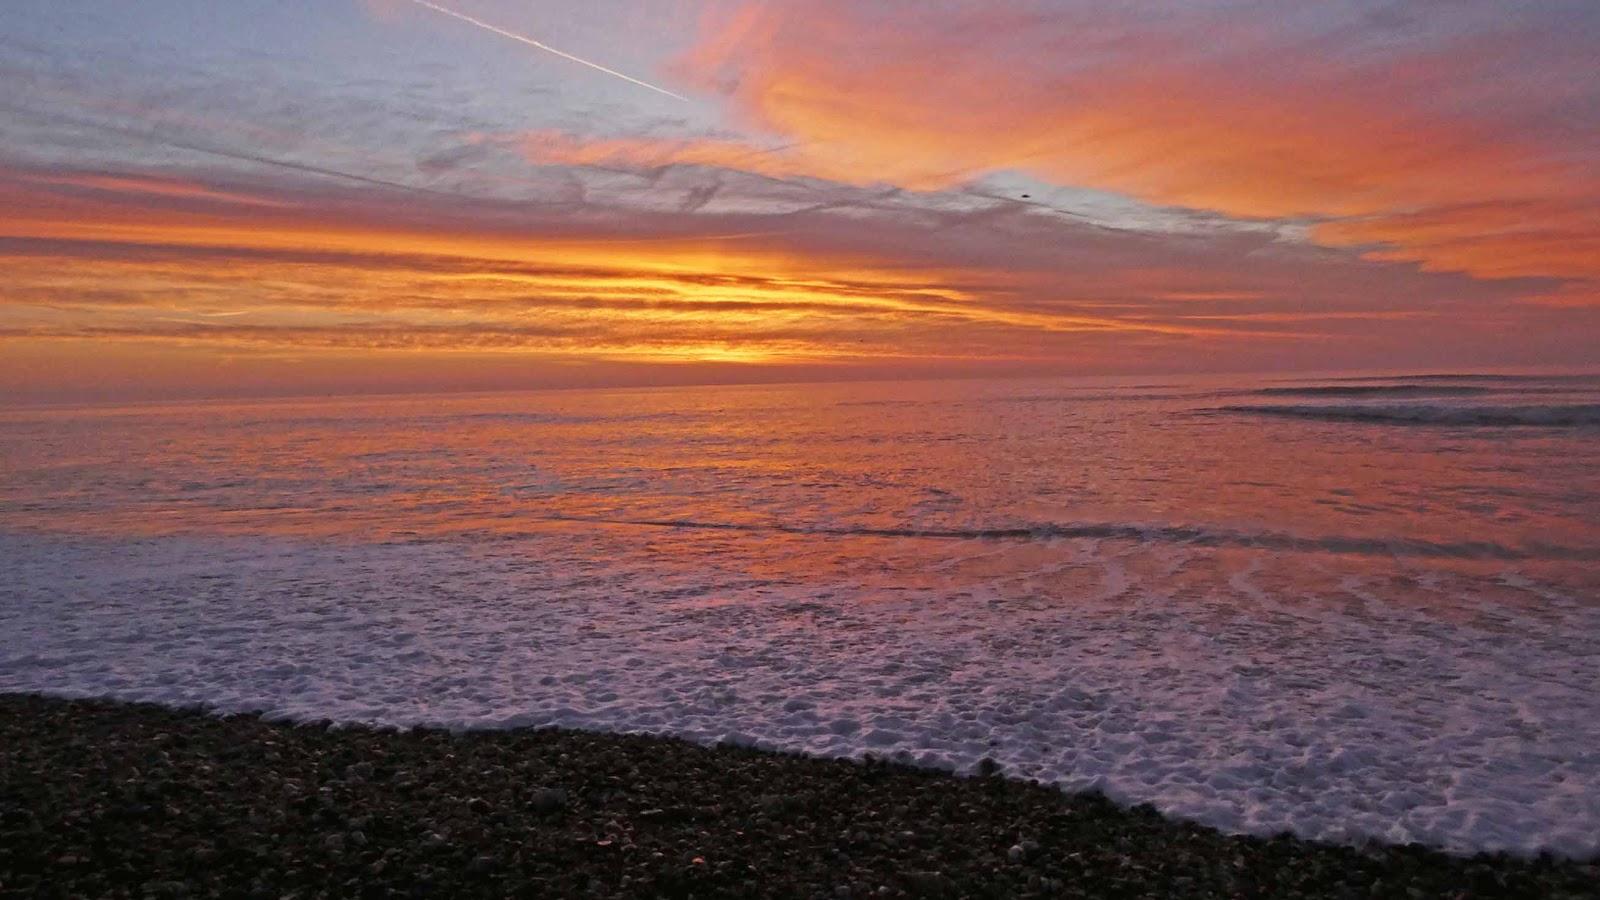 Pagham Beach Sunrise Over The Beach